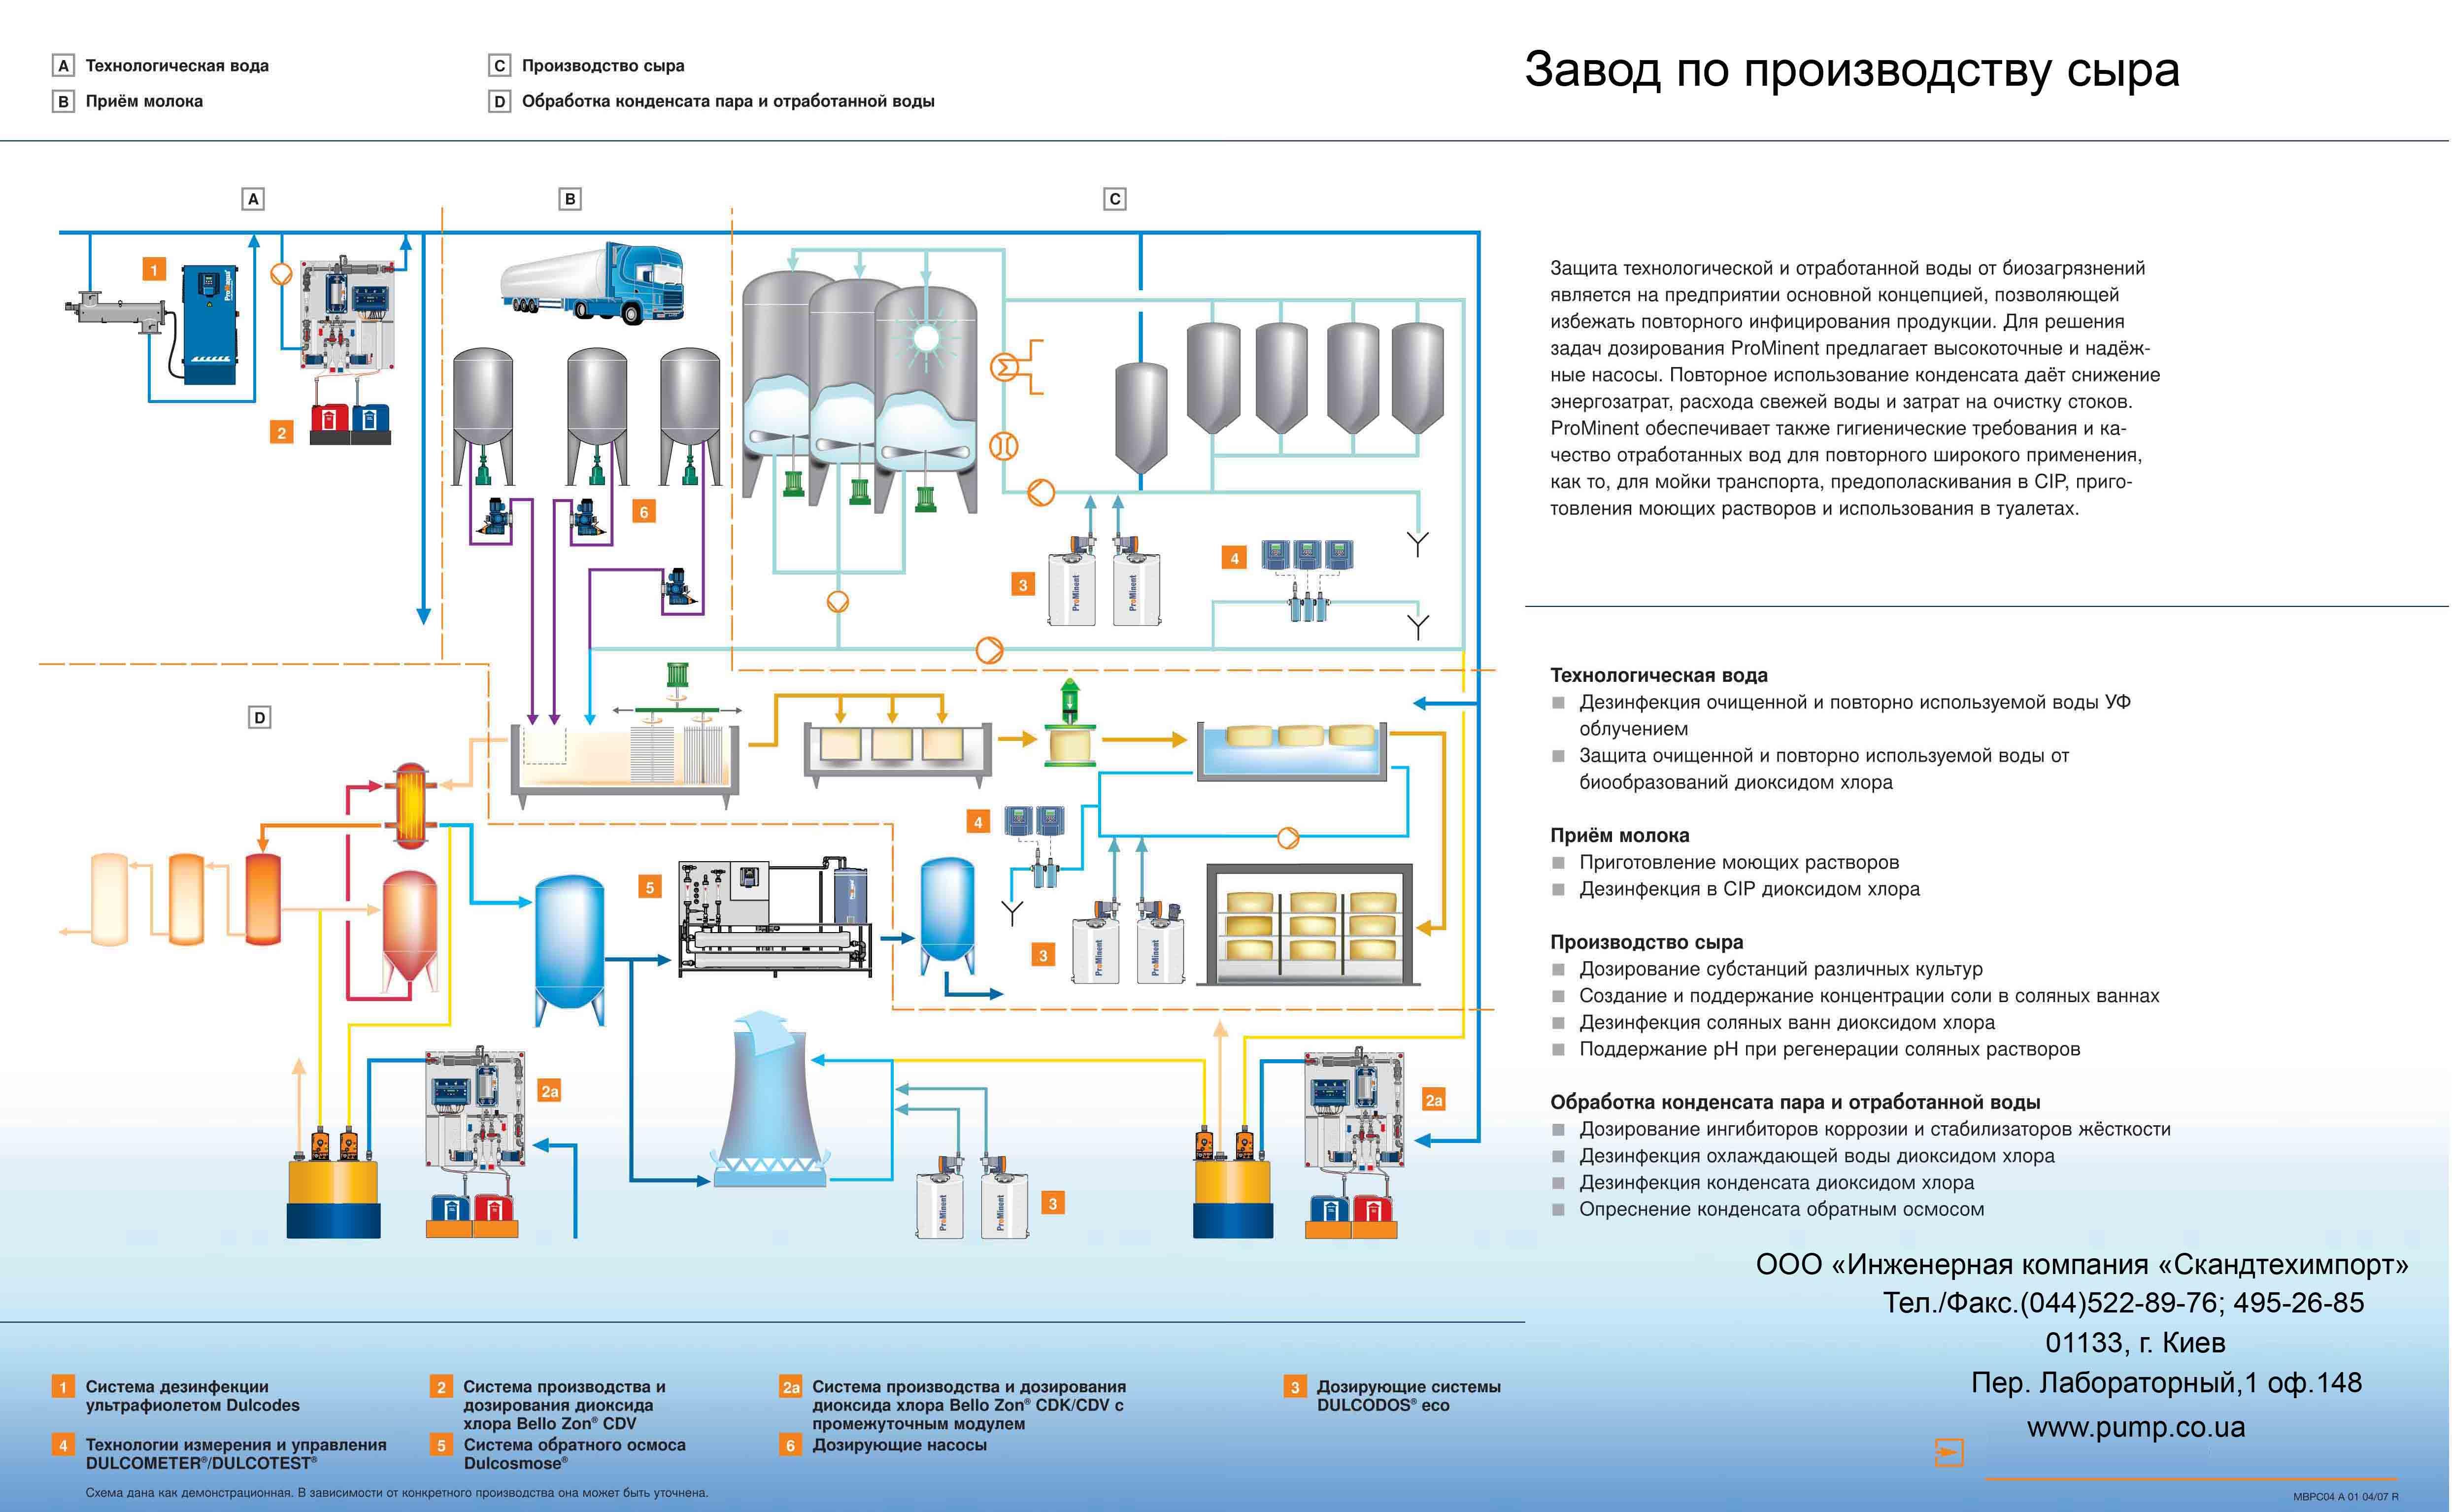 Технологическая схема очистки сточных вод на предприятии